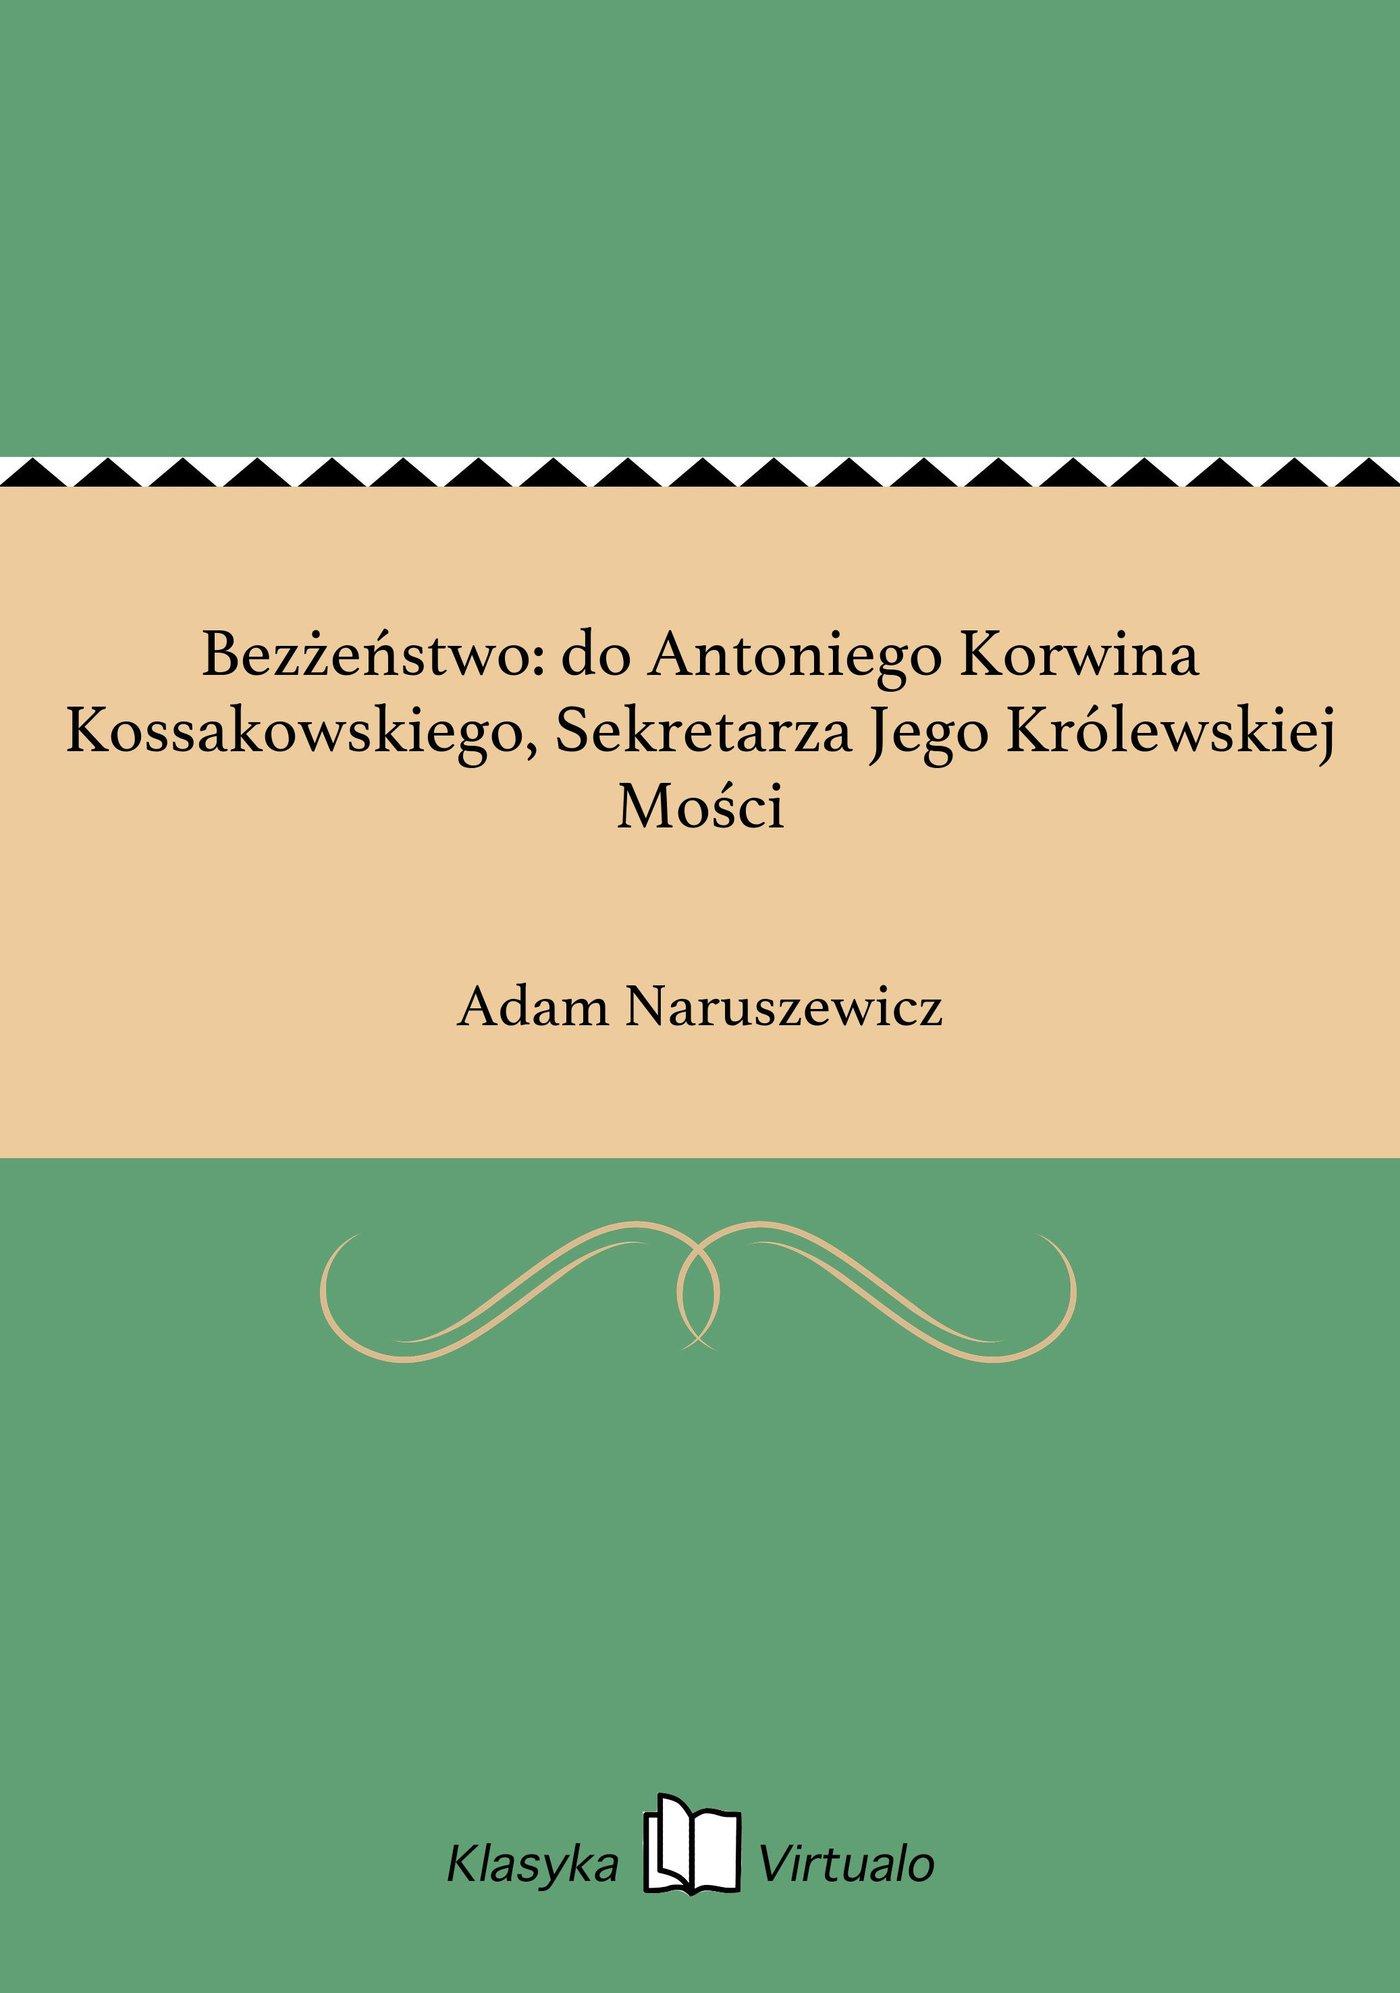 Bezżeństwo: do Antoniego Korwina Kossakowskiego, Sekretarza Jego Królewskiej Mości - Ebook (Książka EPUB) do pobrania w formacie EPUB